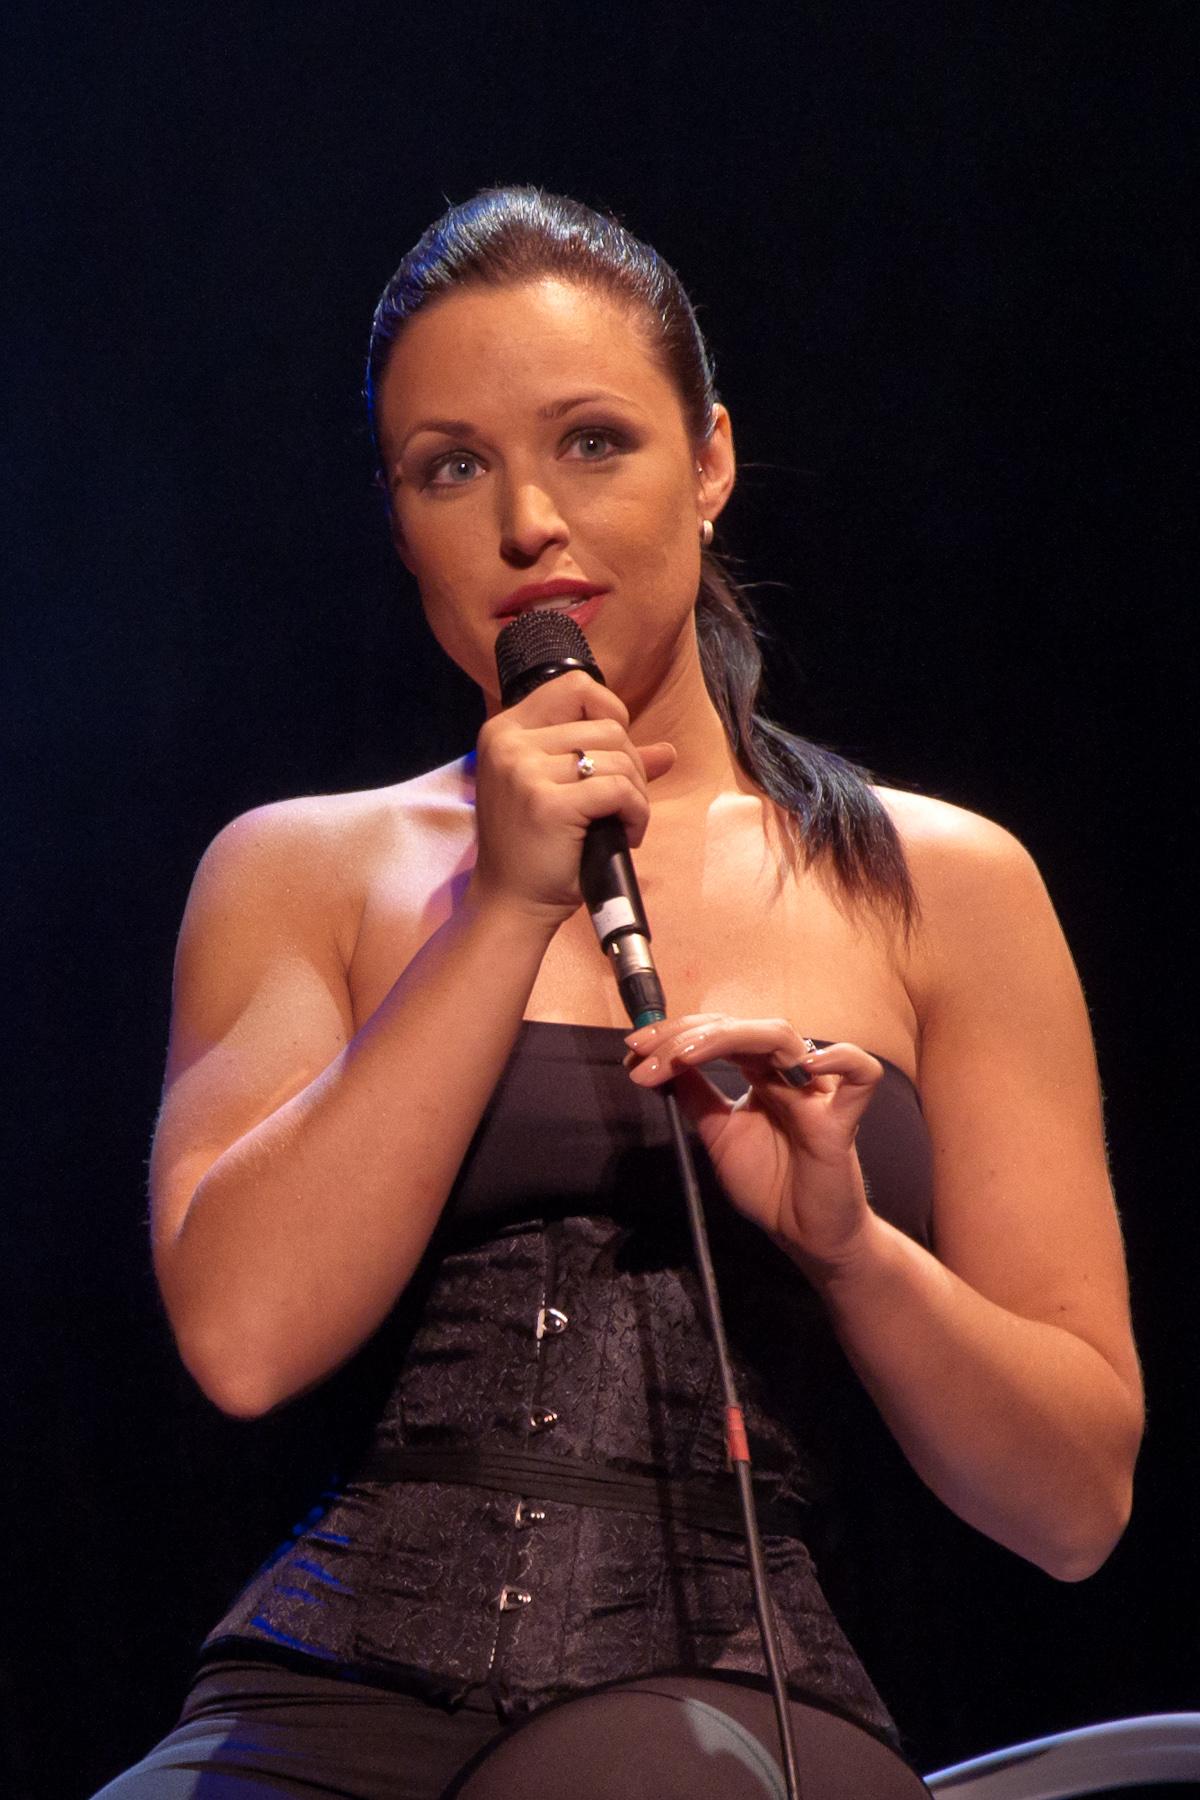 Description Natasha St-Pier - chanteuse française - Denain - France